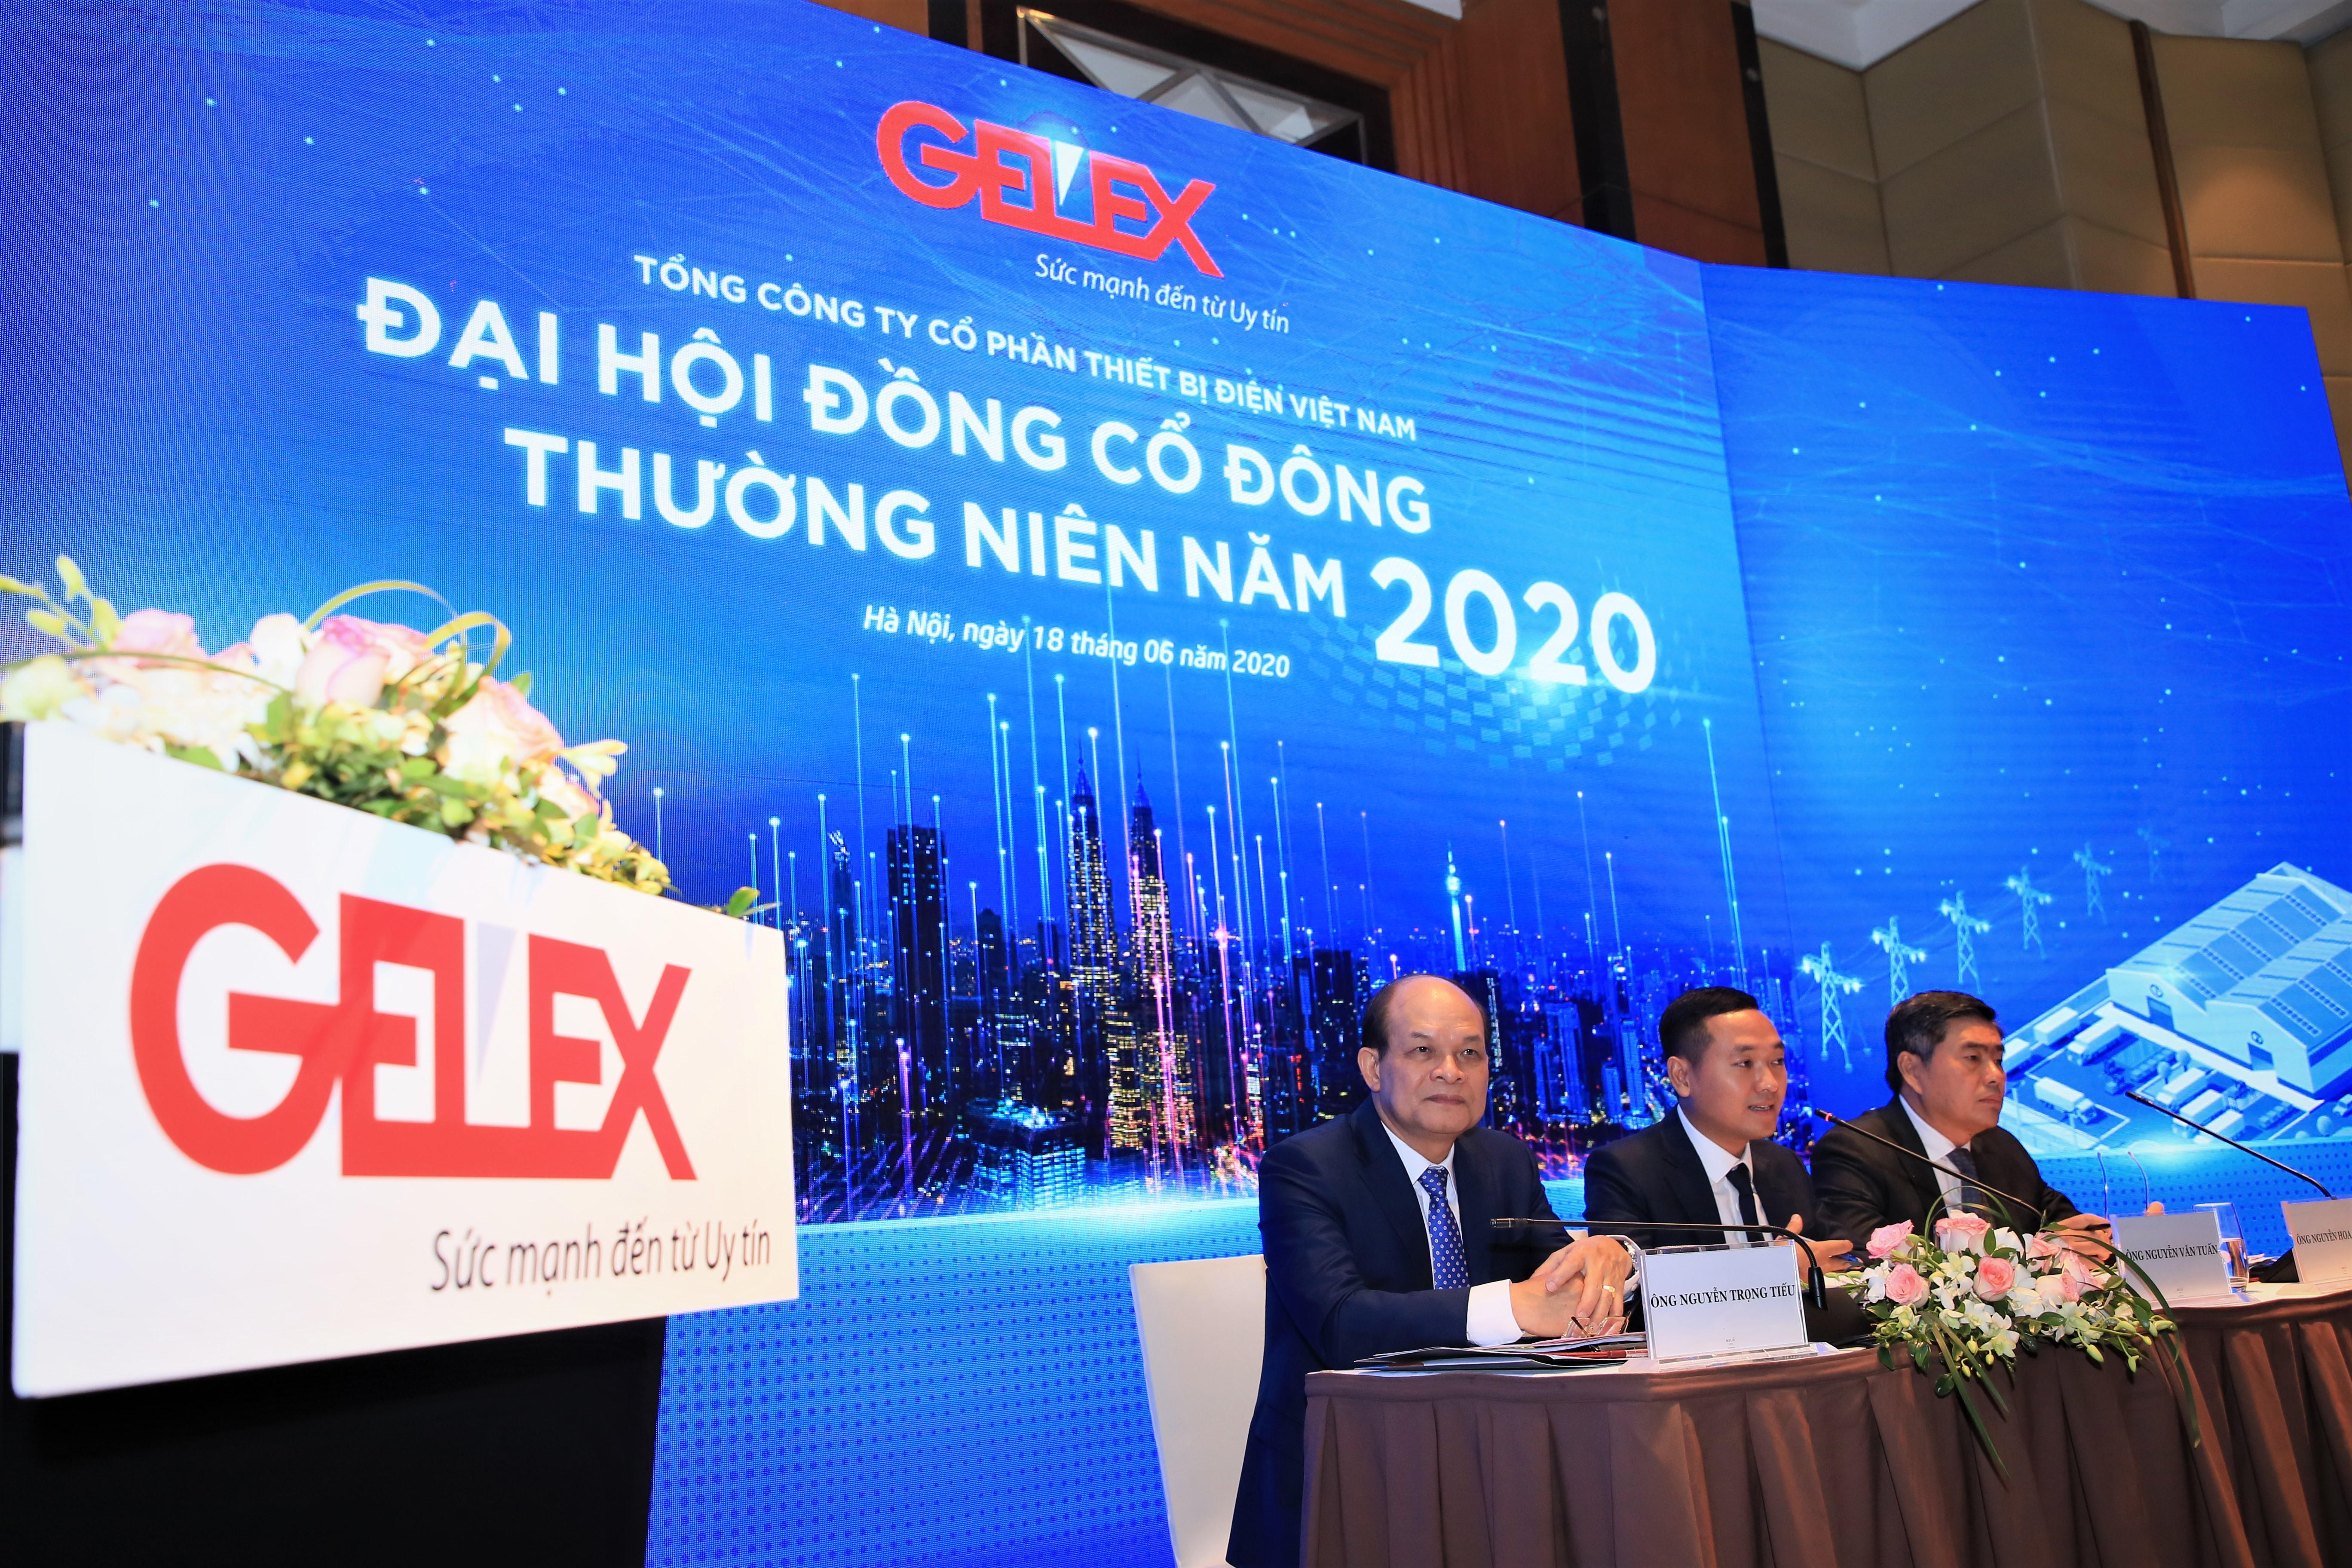 Chủ tịch Nguyễn Văn Tuấn muốn gom thêm 20 triệu cổ phiếu GEX, mục tiêu làm cổ đông lớn của Gelex - Ảnh 1.